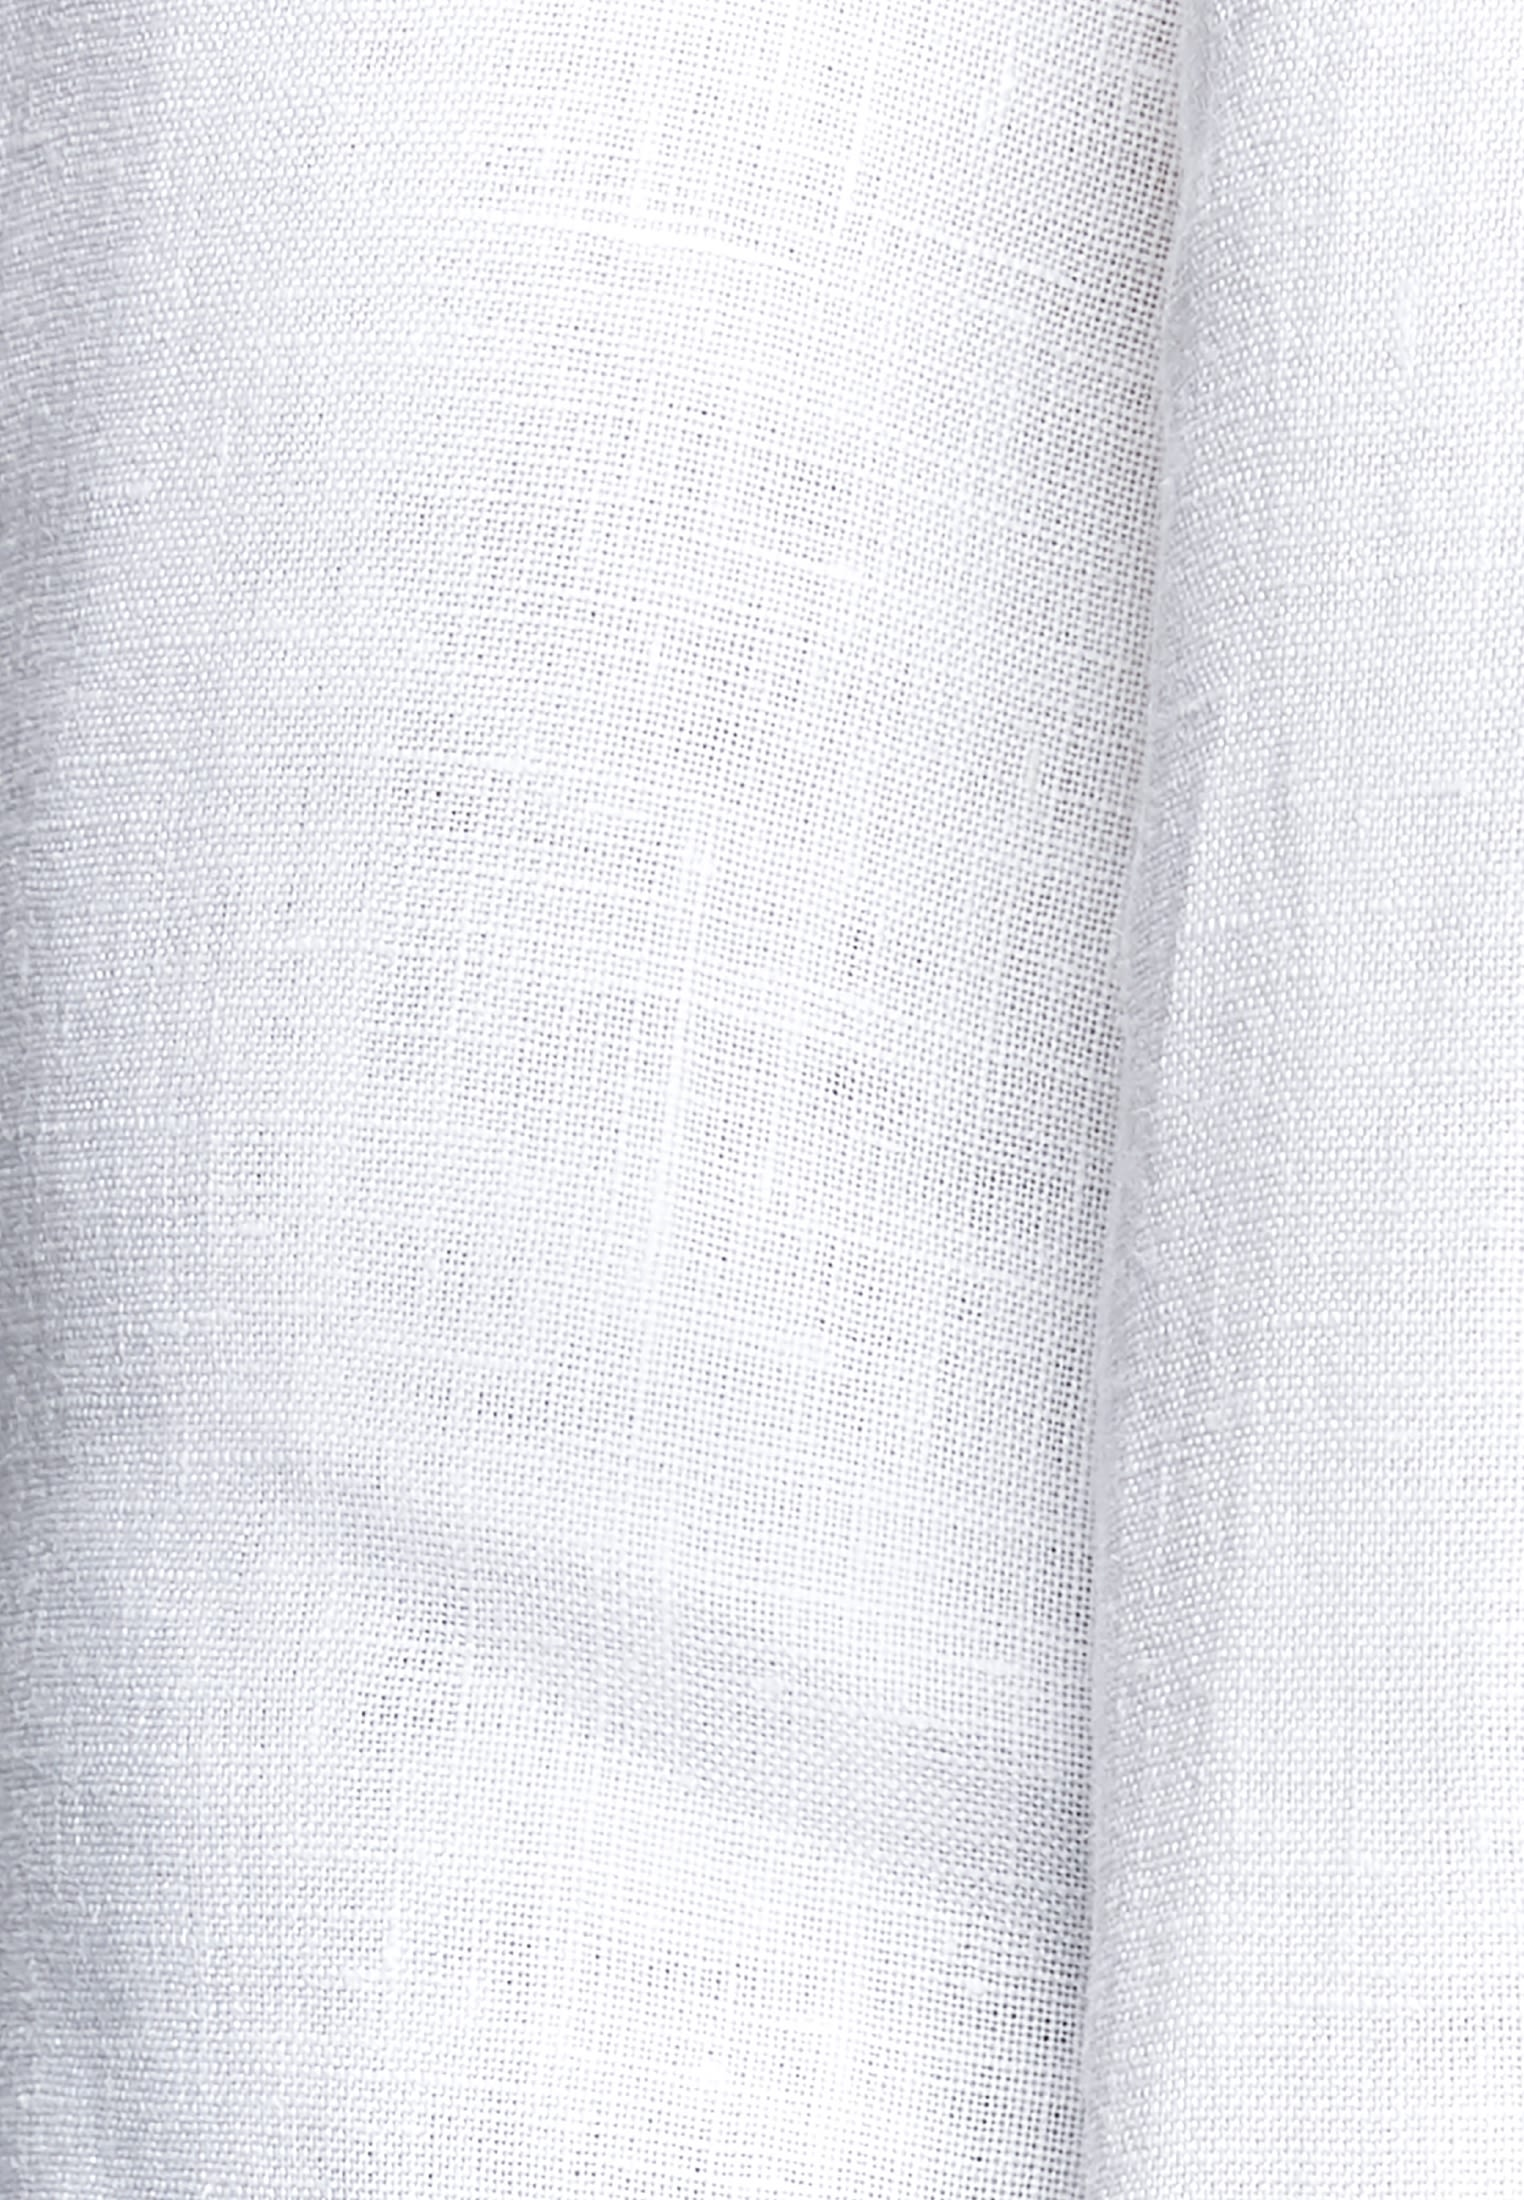 Linen Slip Over Blouse made of 100% Leinen/Flachs in weiß |  Seidensticker Onlineshop